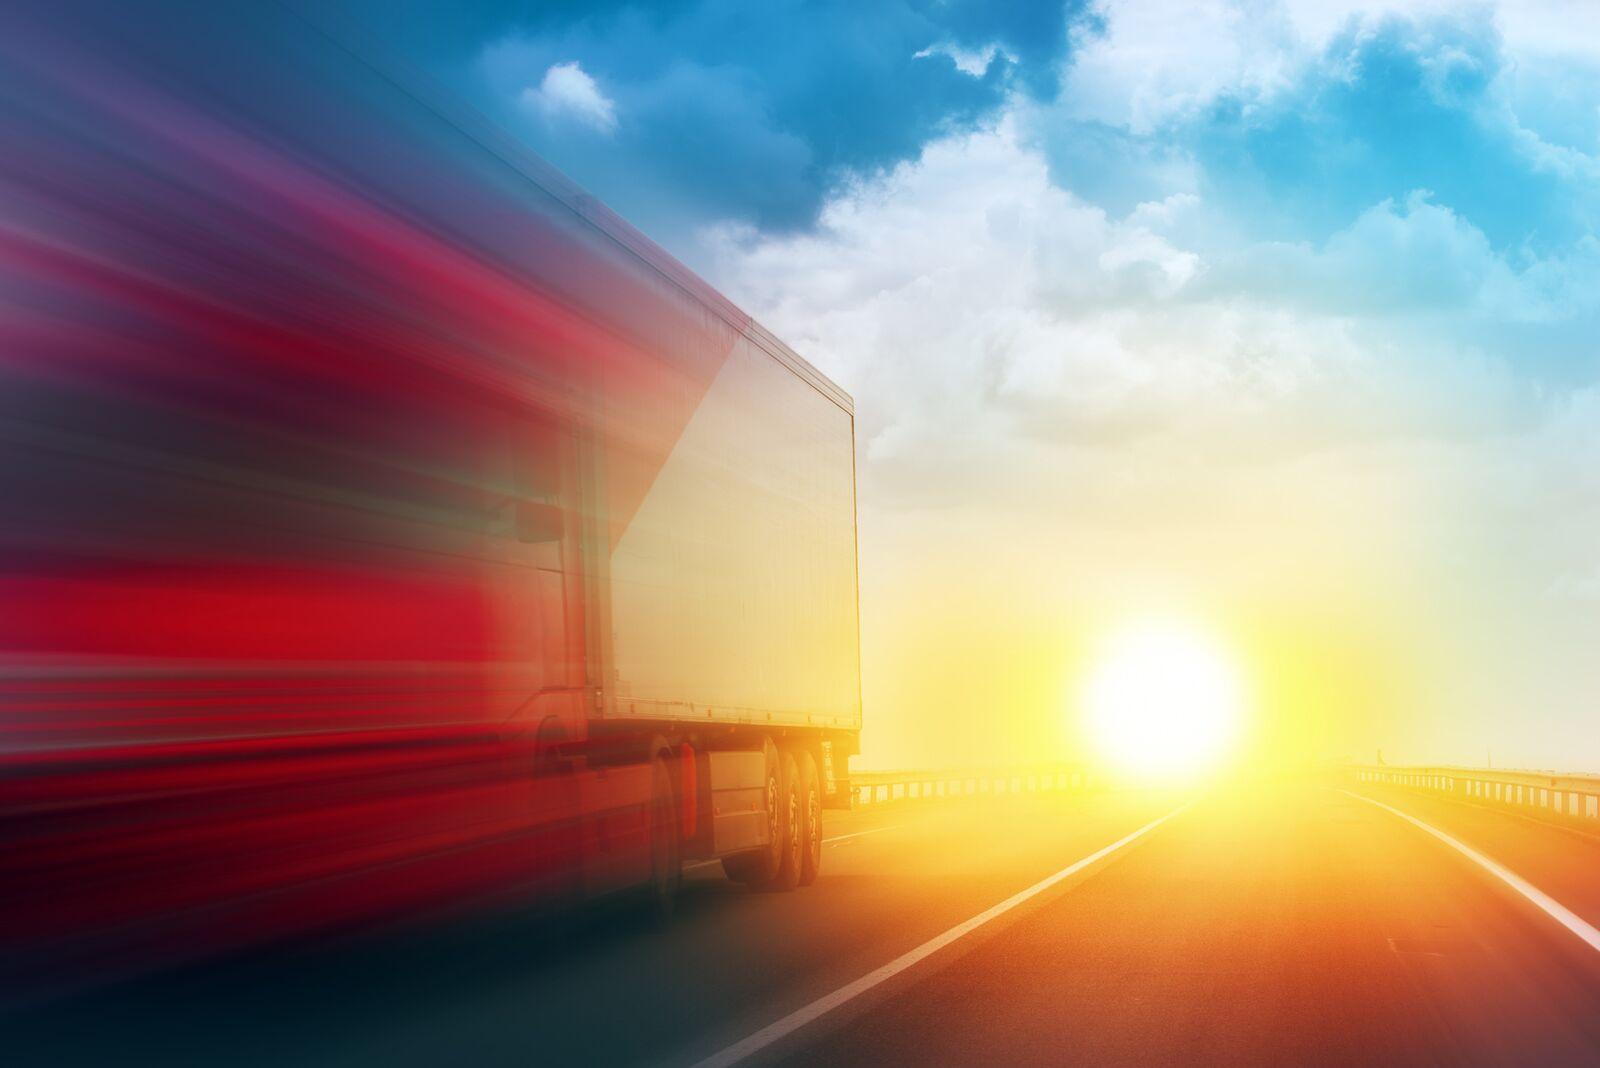 truck_accident_sunset.jpg